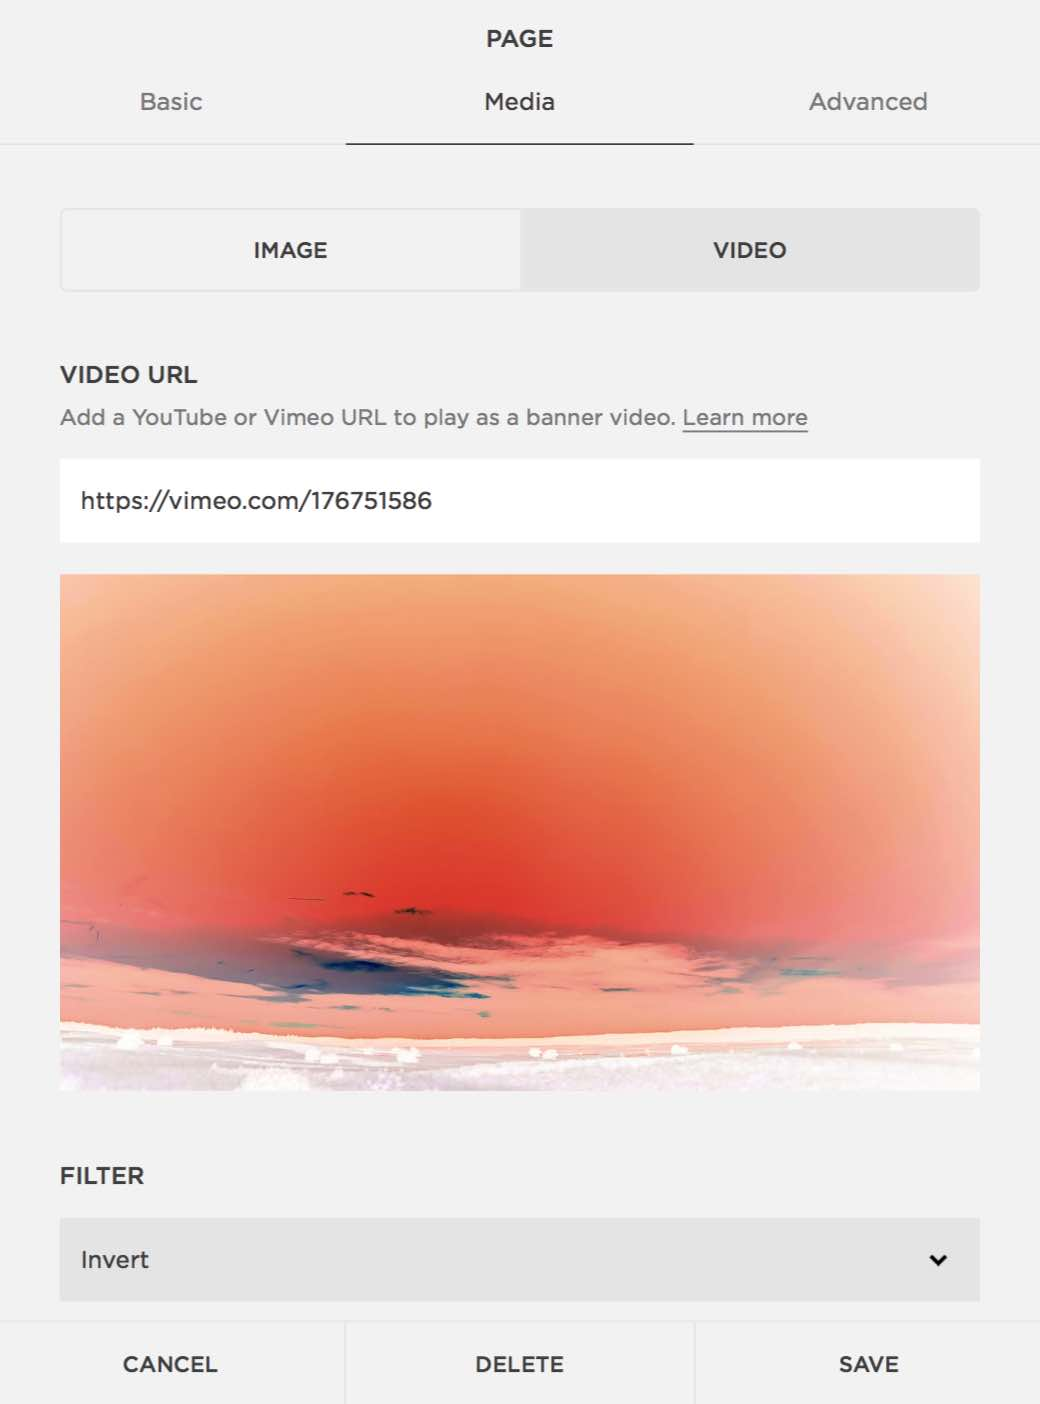 Invert Filter